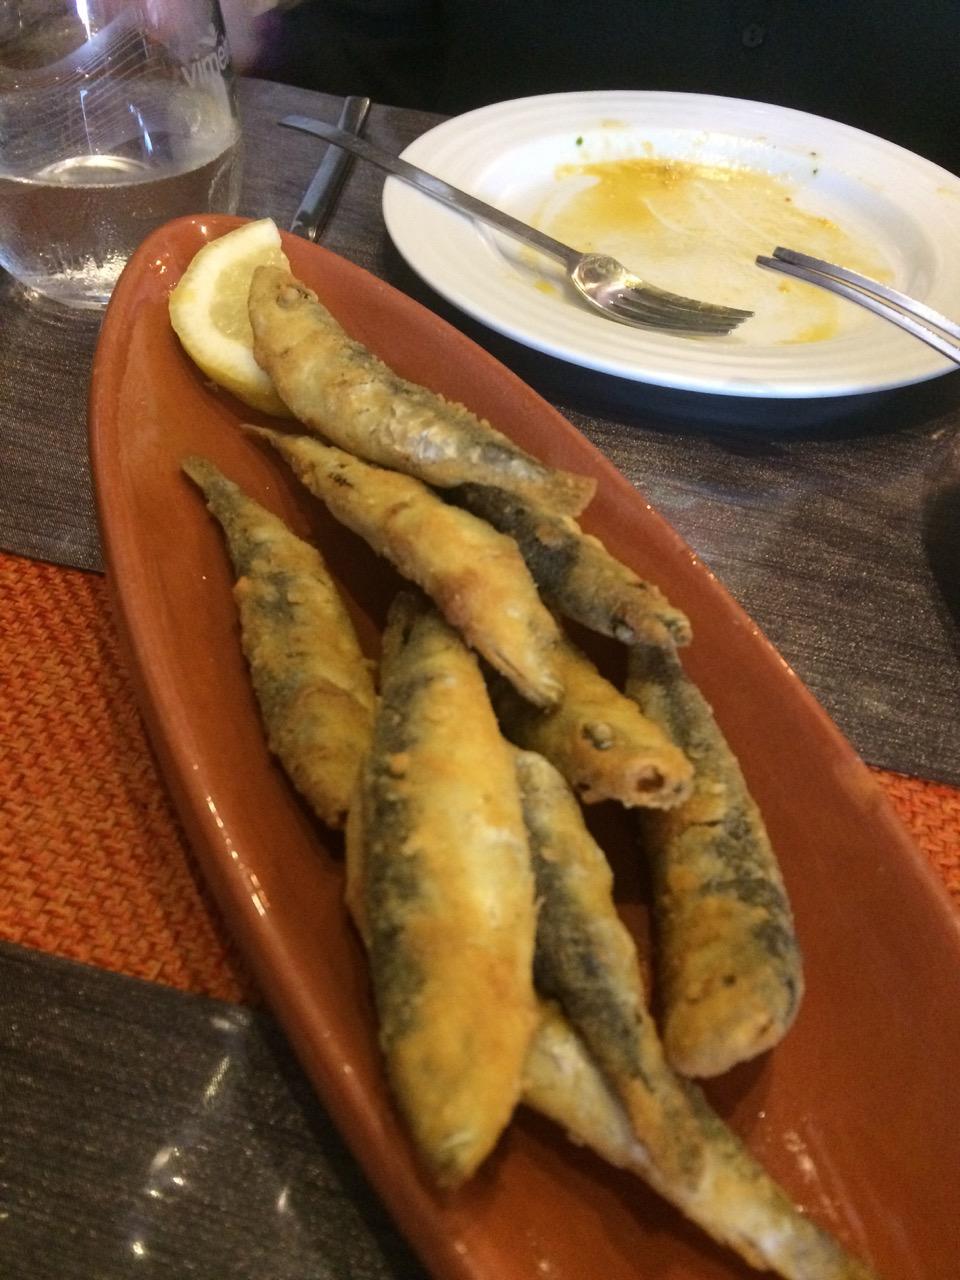 Small sardines